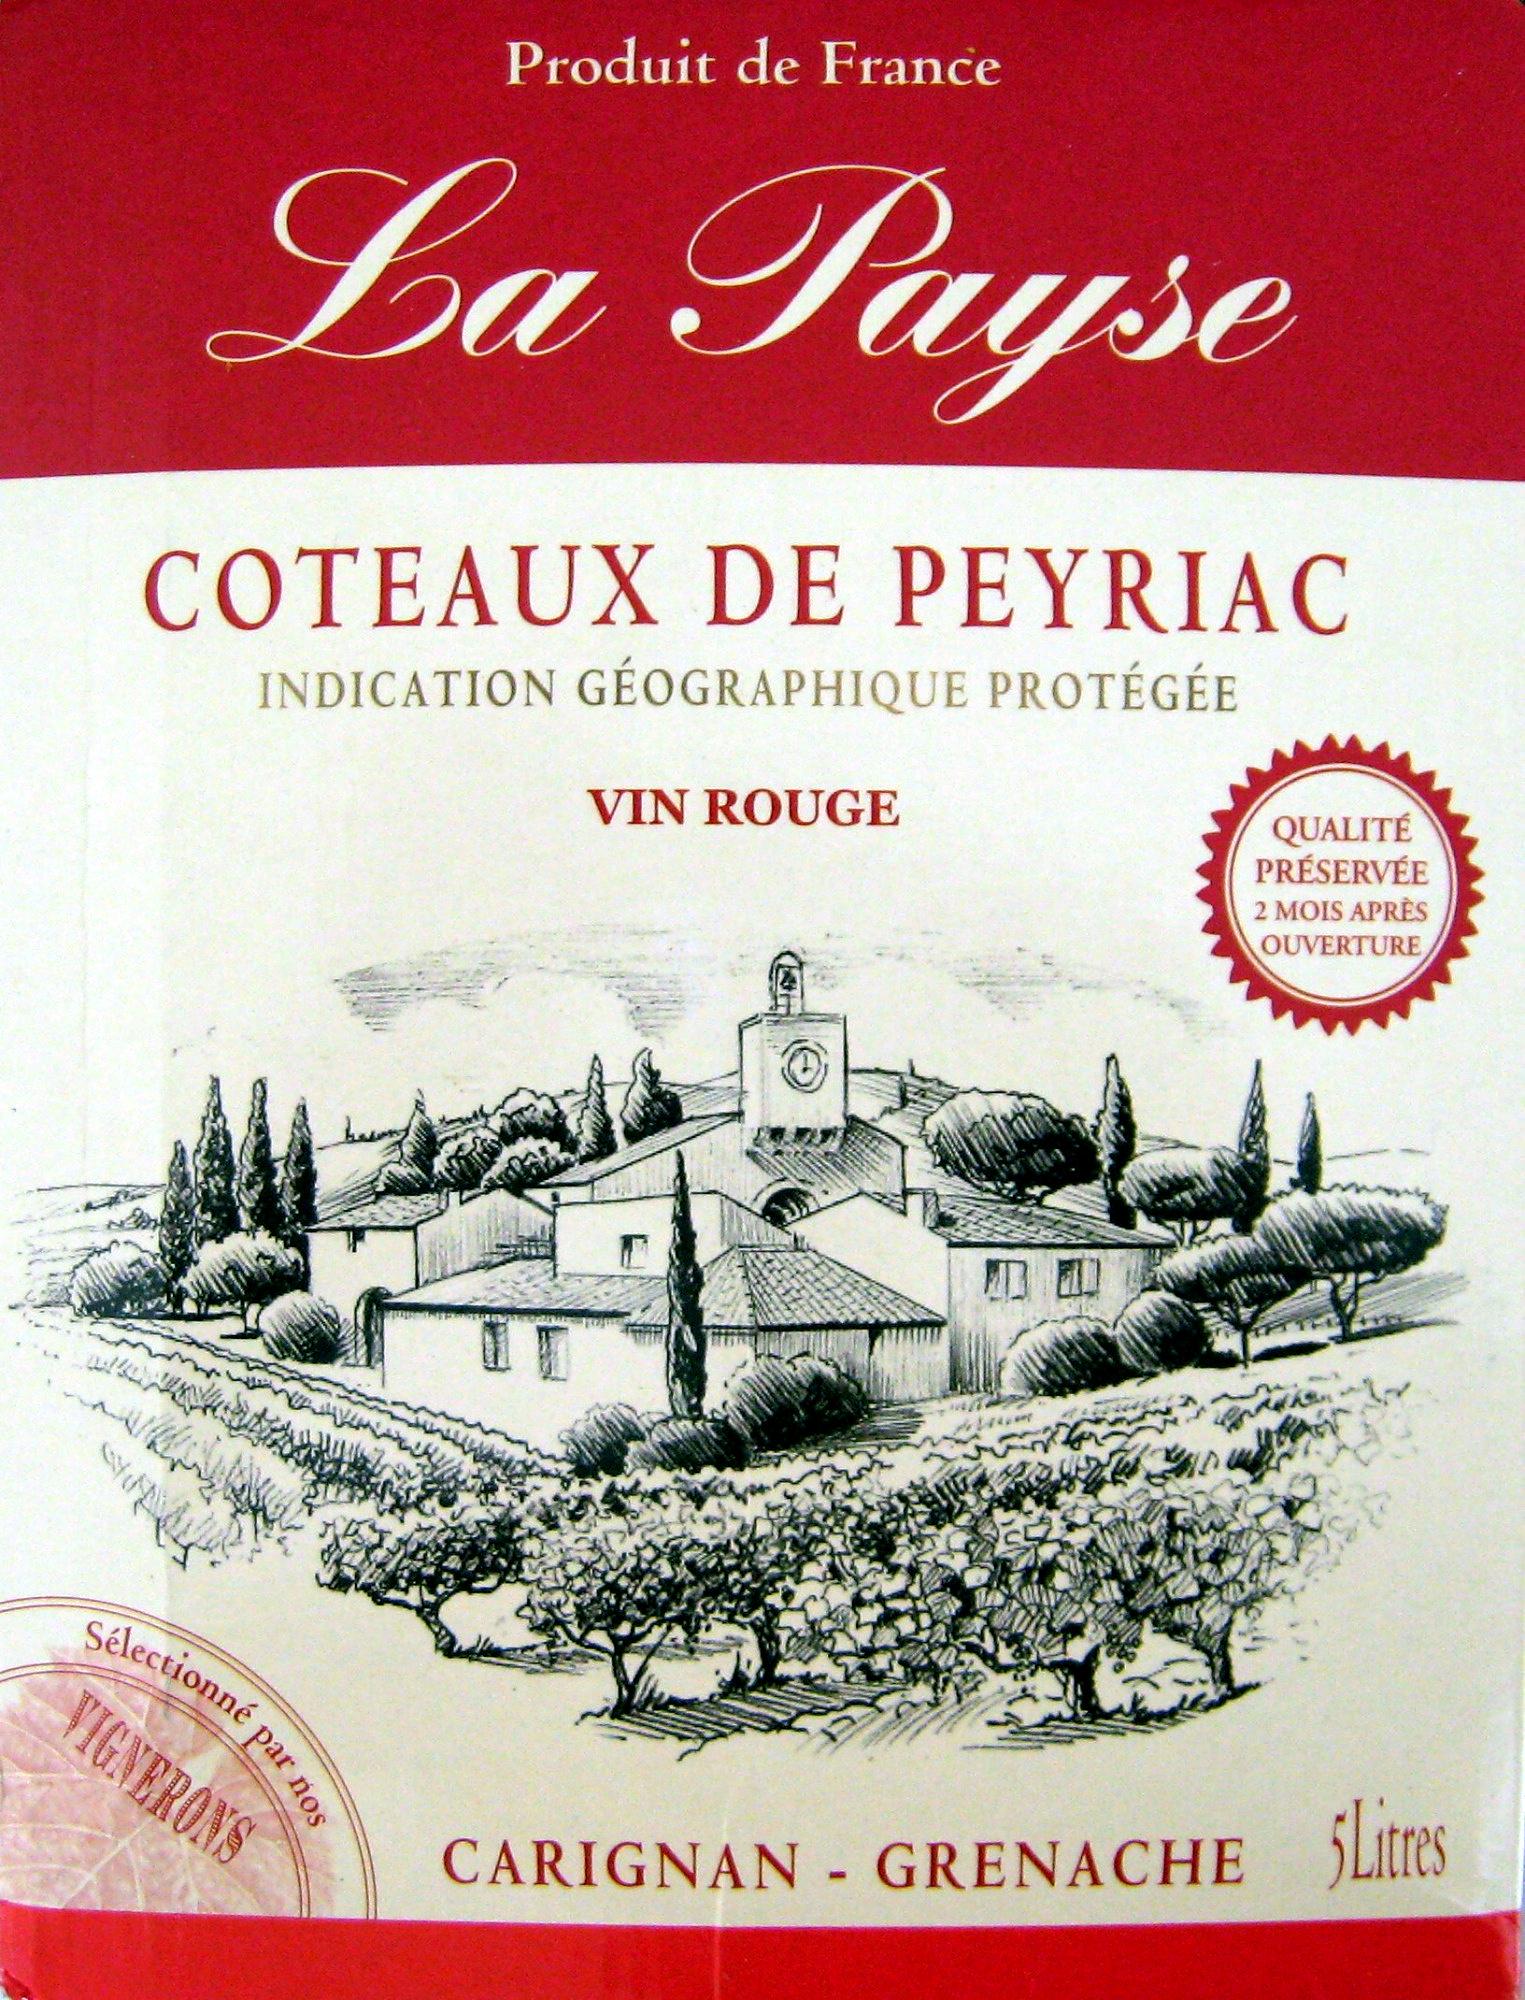 Vin rouge Carignan-Grenache La Payse Côteaux de Peyriac 5L - Product